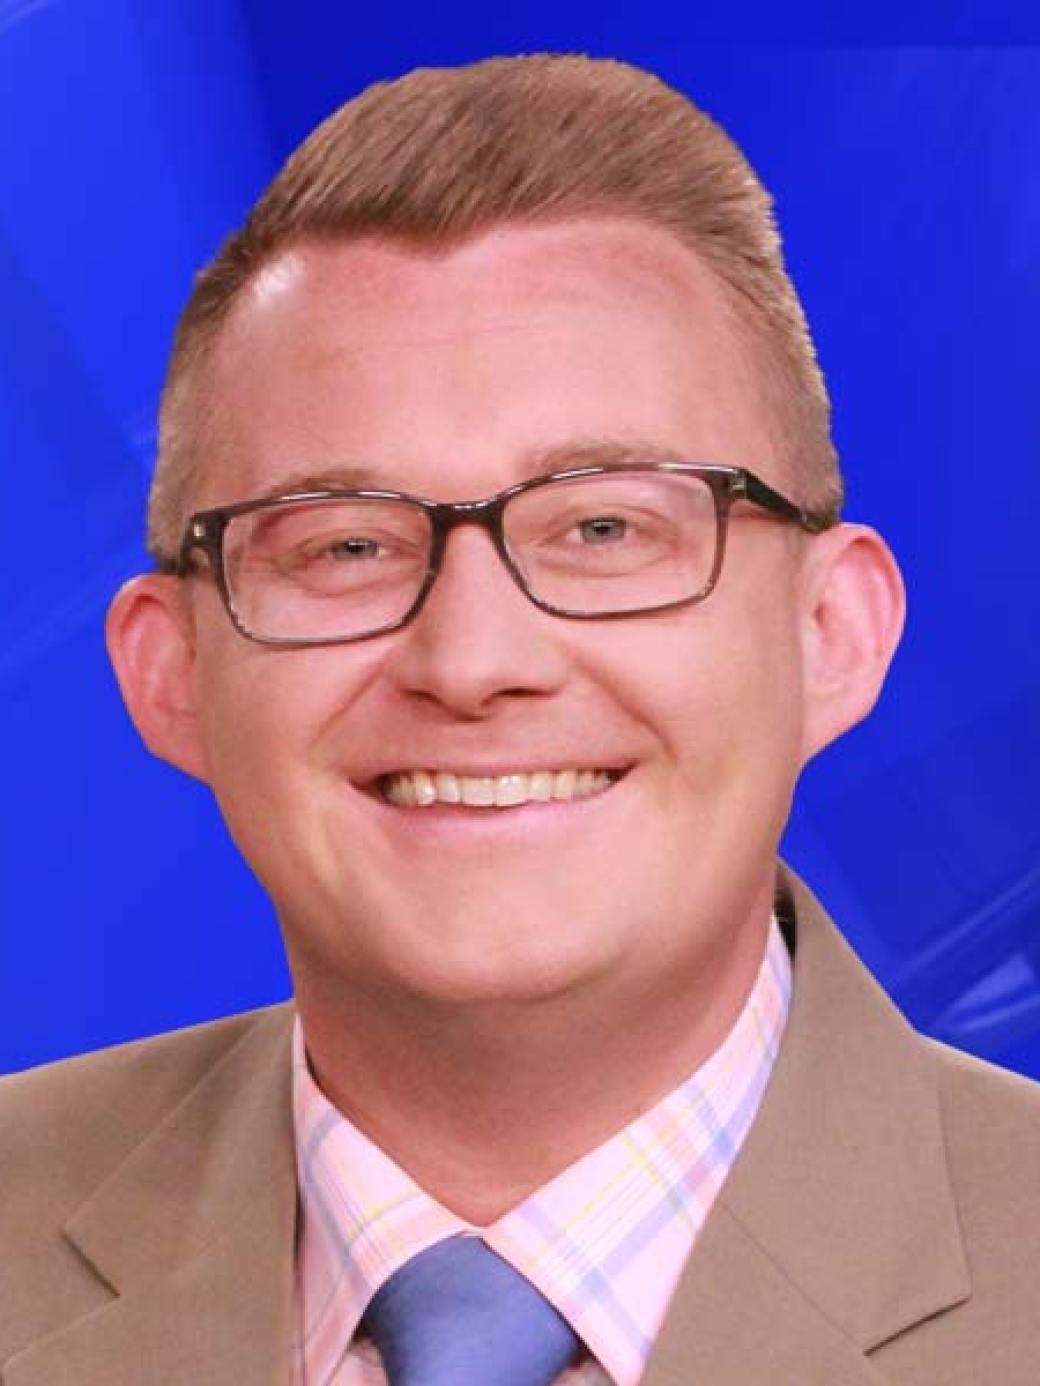 Josh Frketic